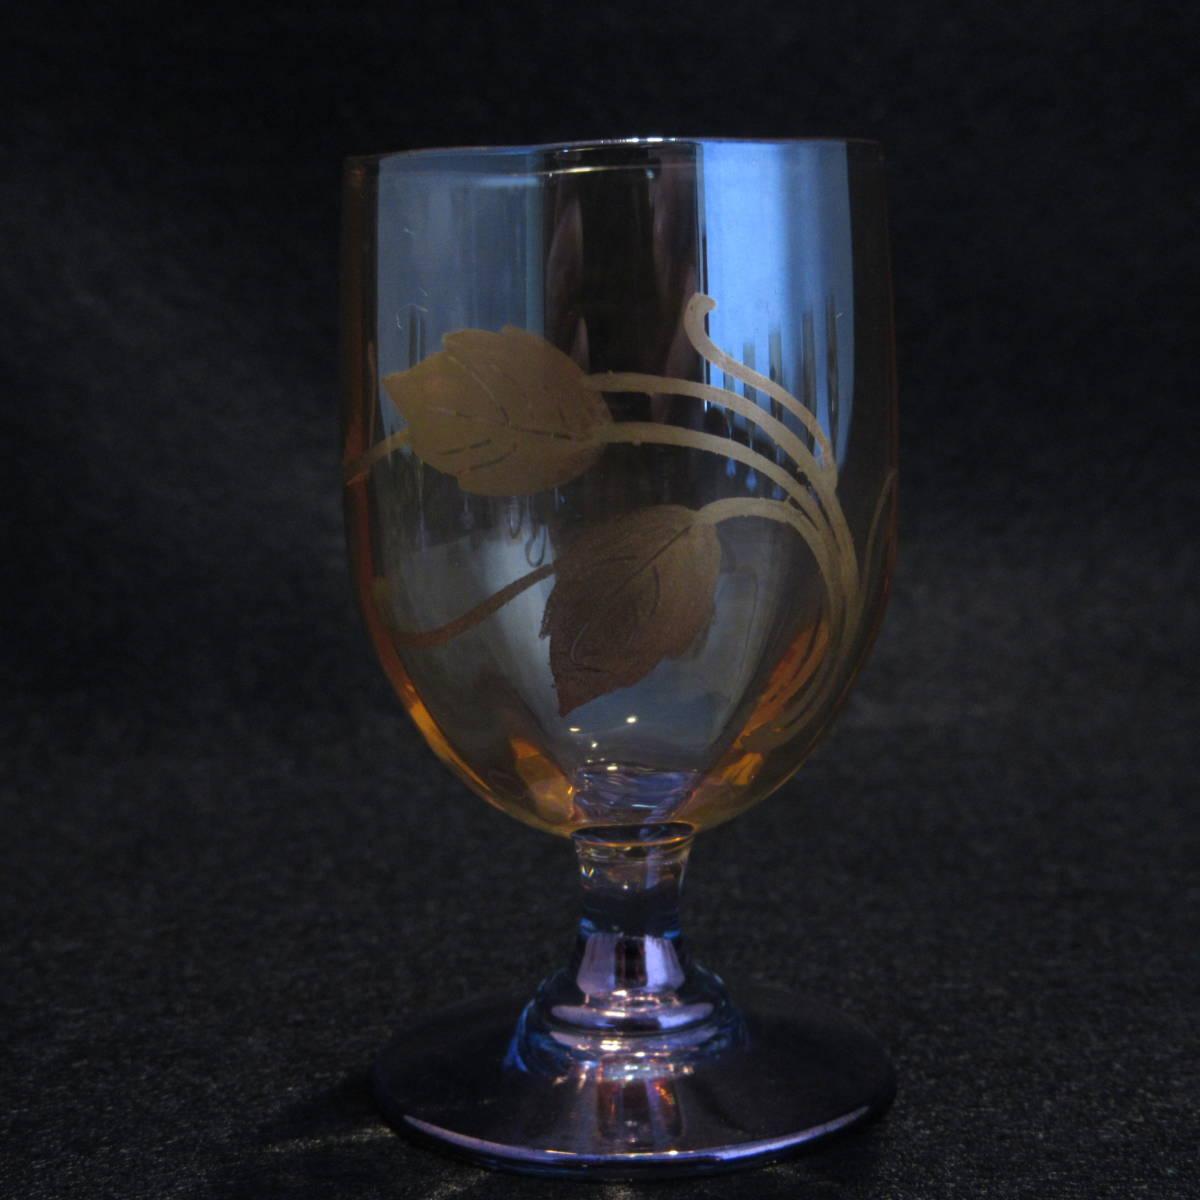 アンティークバカラ1890年頃 ラスター彩 グラス等 12点セット_画像5